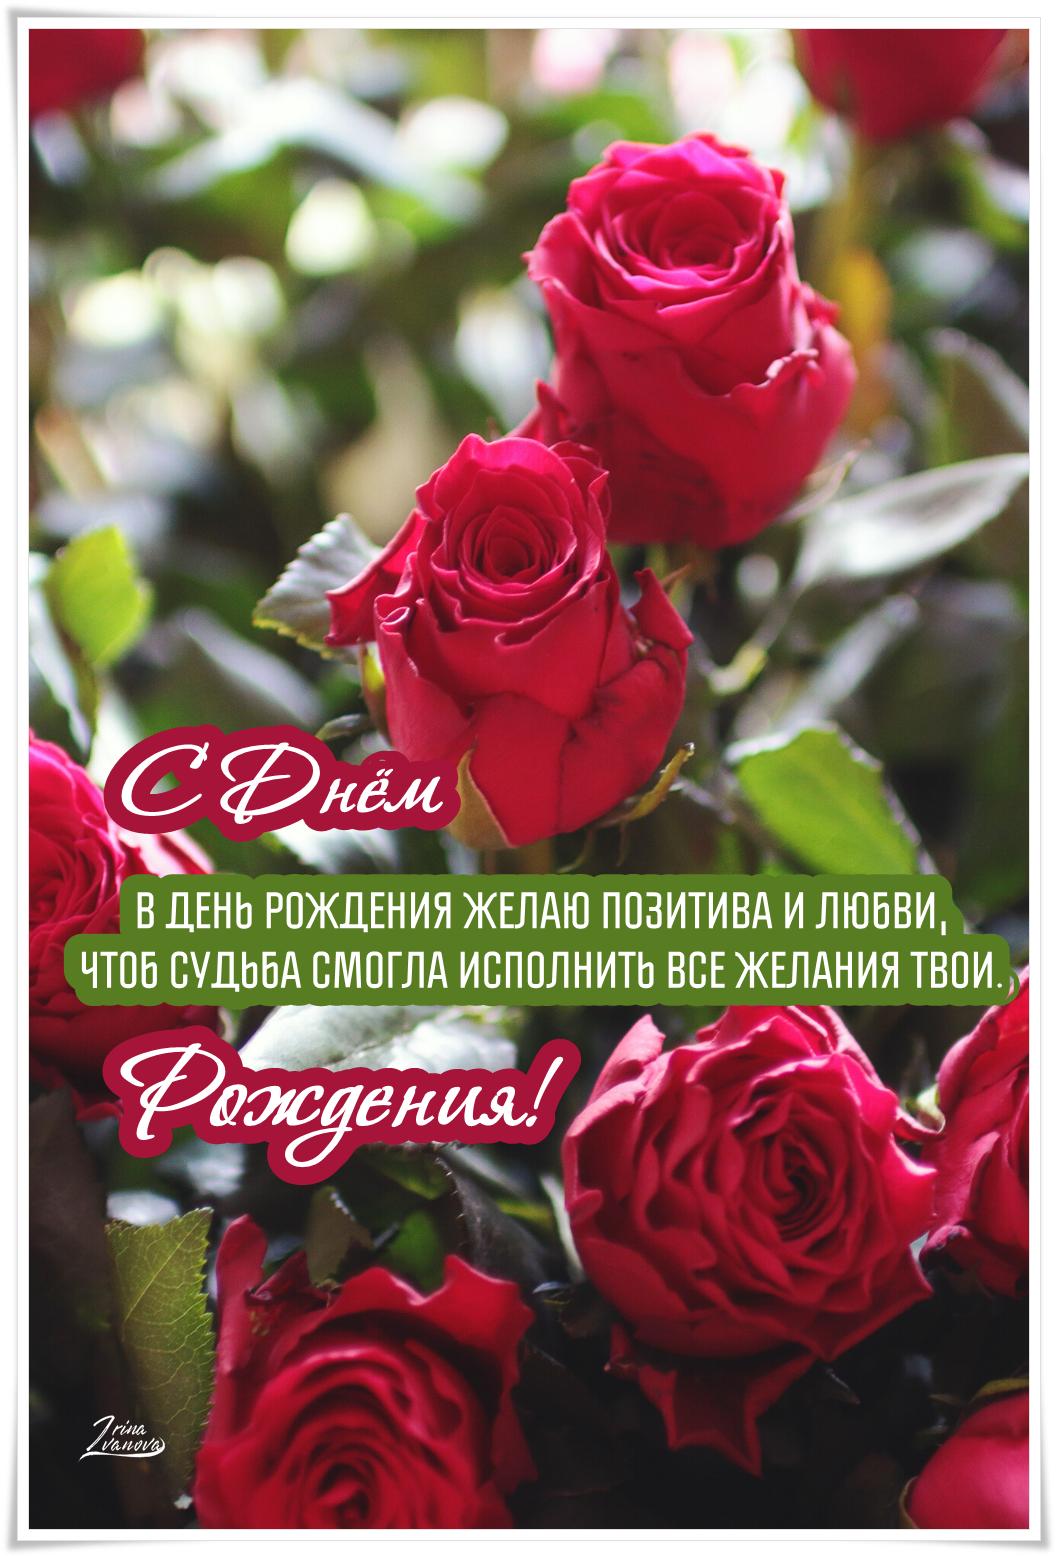 Pozdravleniya S Dnem Rozhdeniya Krasivye V Proze Zhenshine Muzhchine Podruge Mama Sestre Happy Birthday Beautiful Happy Anniversary Birthday Cards